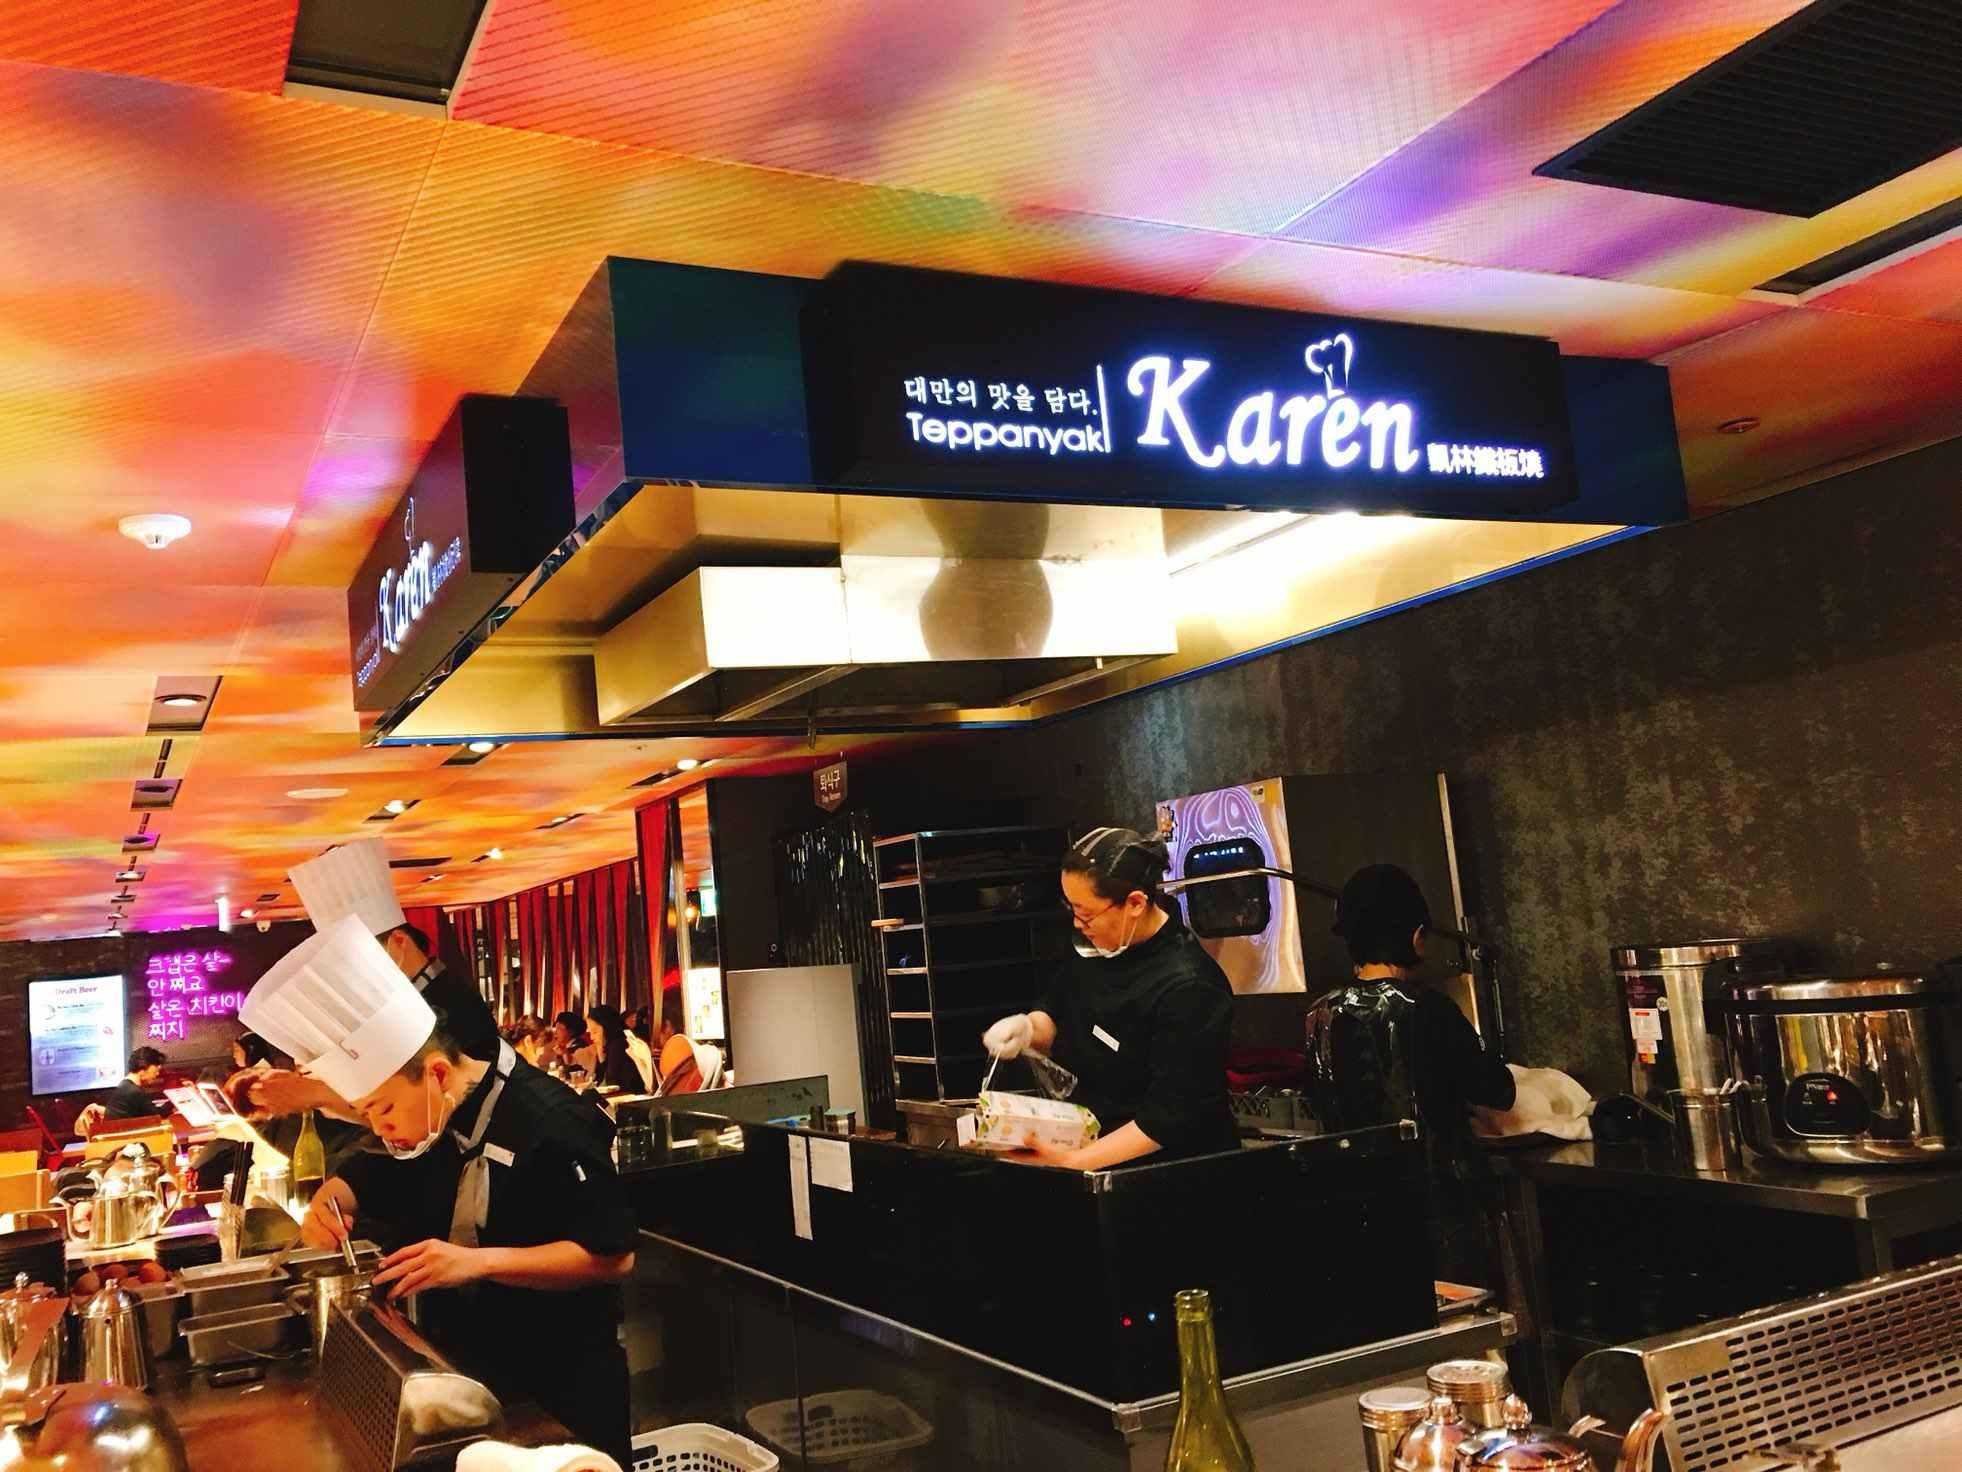 覺得韓國的台灣餐廳都不夠「台灣味」嗎?這次凱林鐵板燒直接把店開來韓國啦!餐廳位於蠶室樂天百貨的B1,這裡的廚師和服務生幾乎都是台灣人,保證原汁原味!